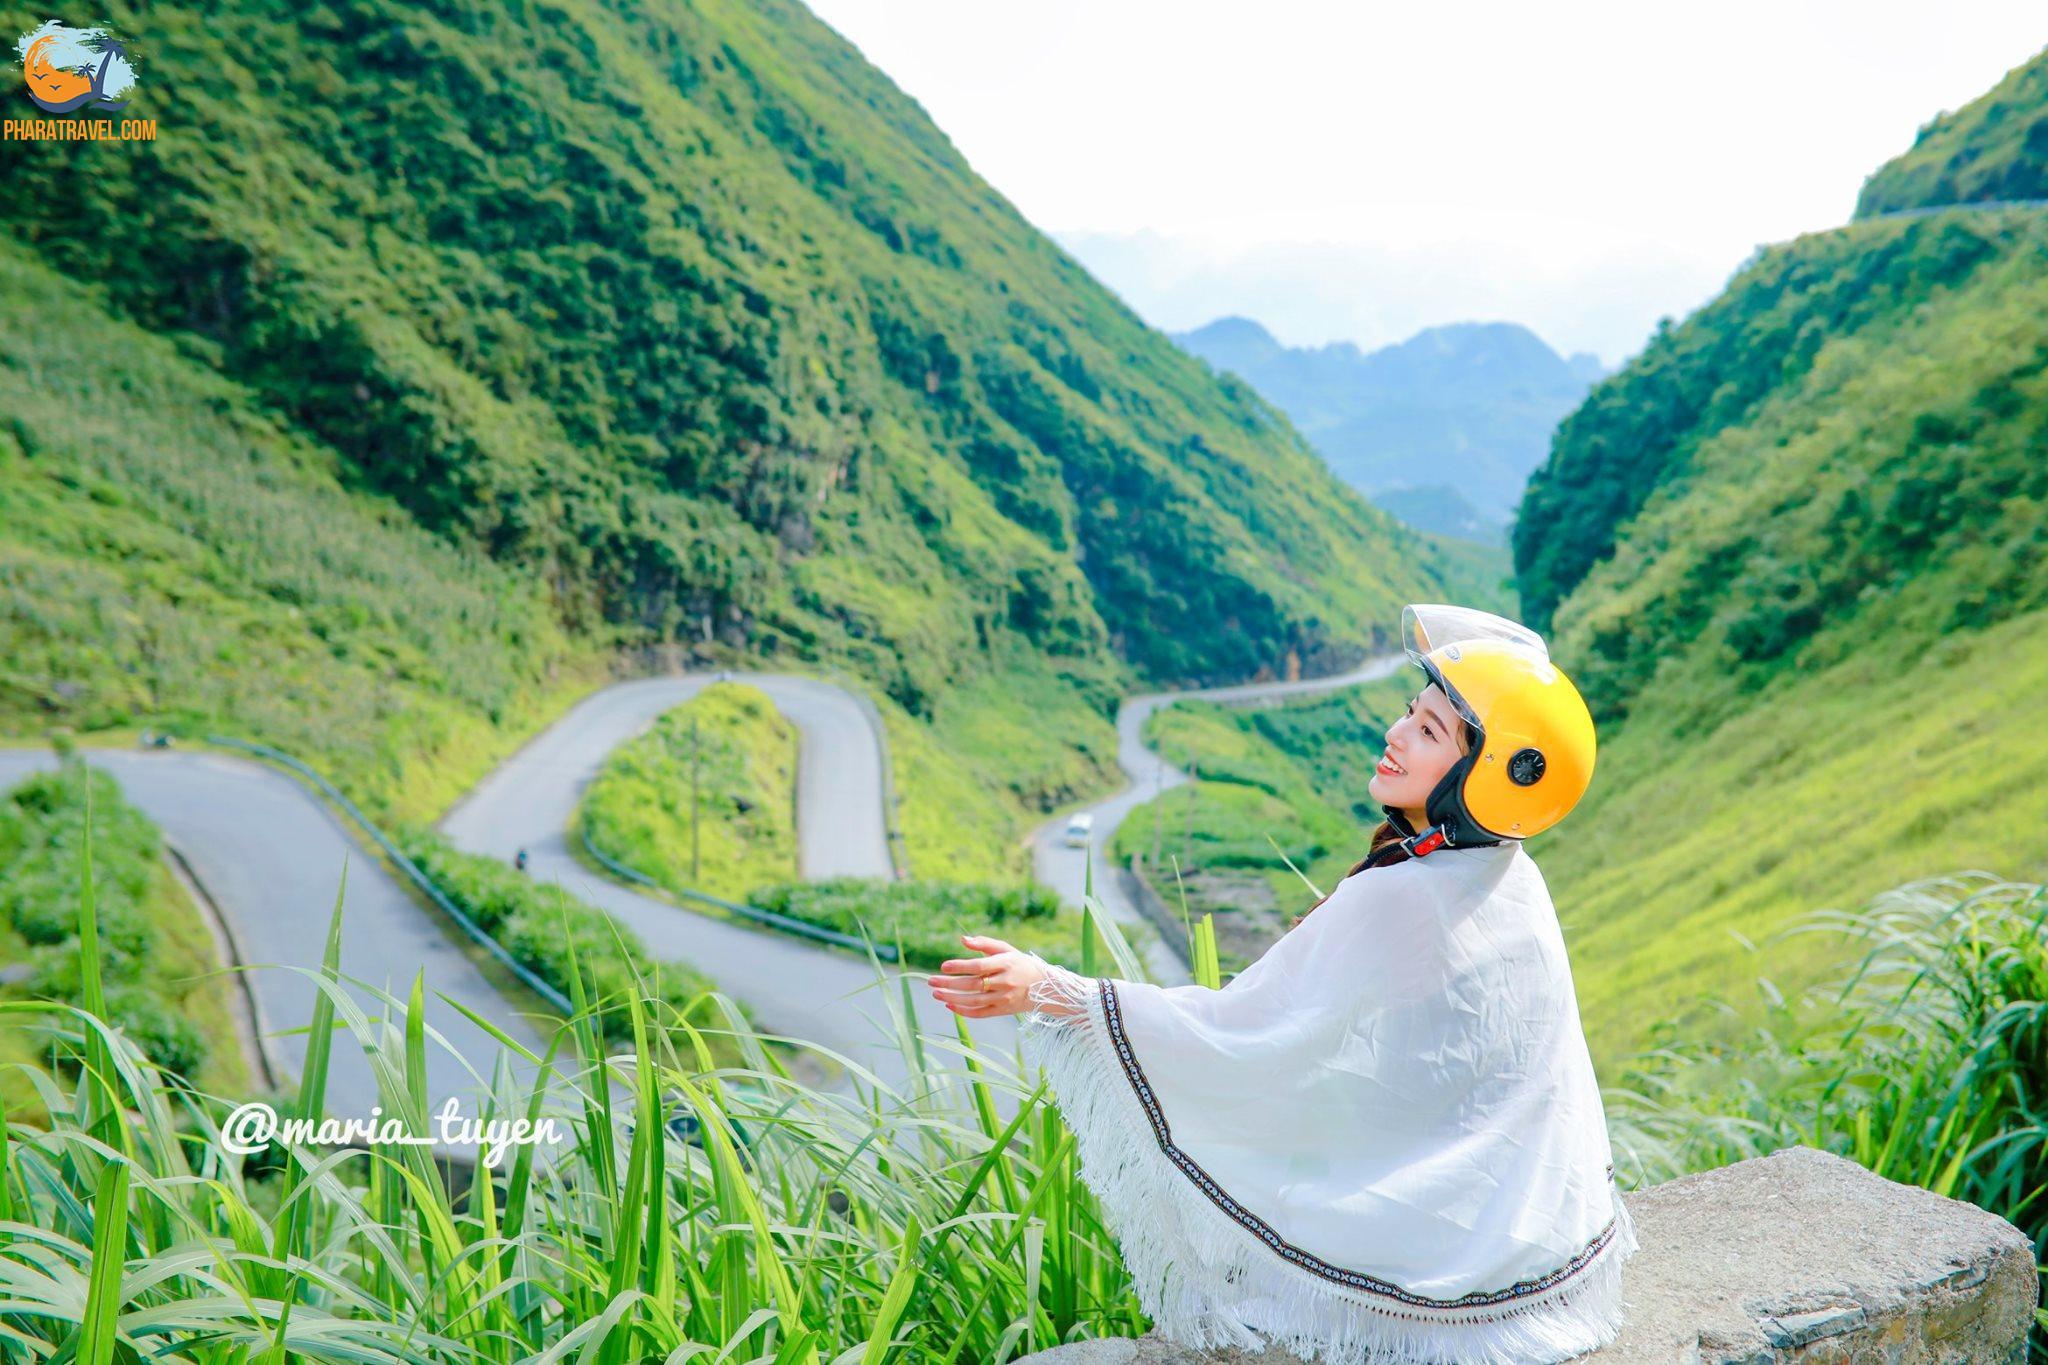 Du lịch Hà Giang: Kinh nghiệm từ A đến Z check-in các điểm nổi tiếngDu lịch Hà Giang: Kinh nghiệm từ A đến Z check-in các điểm nổi tiếng